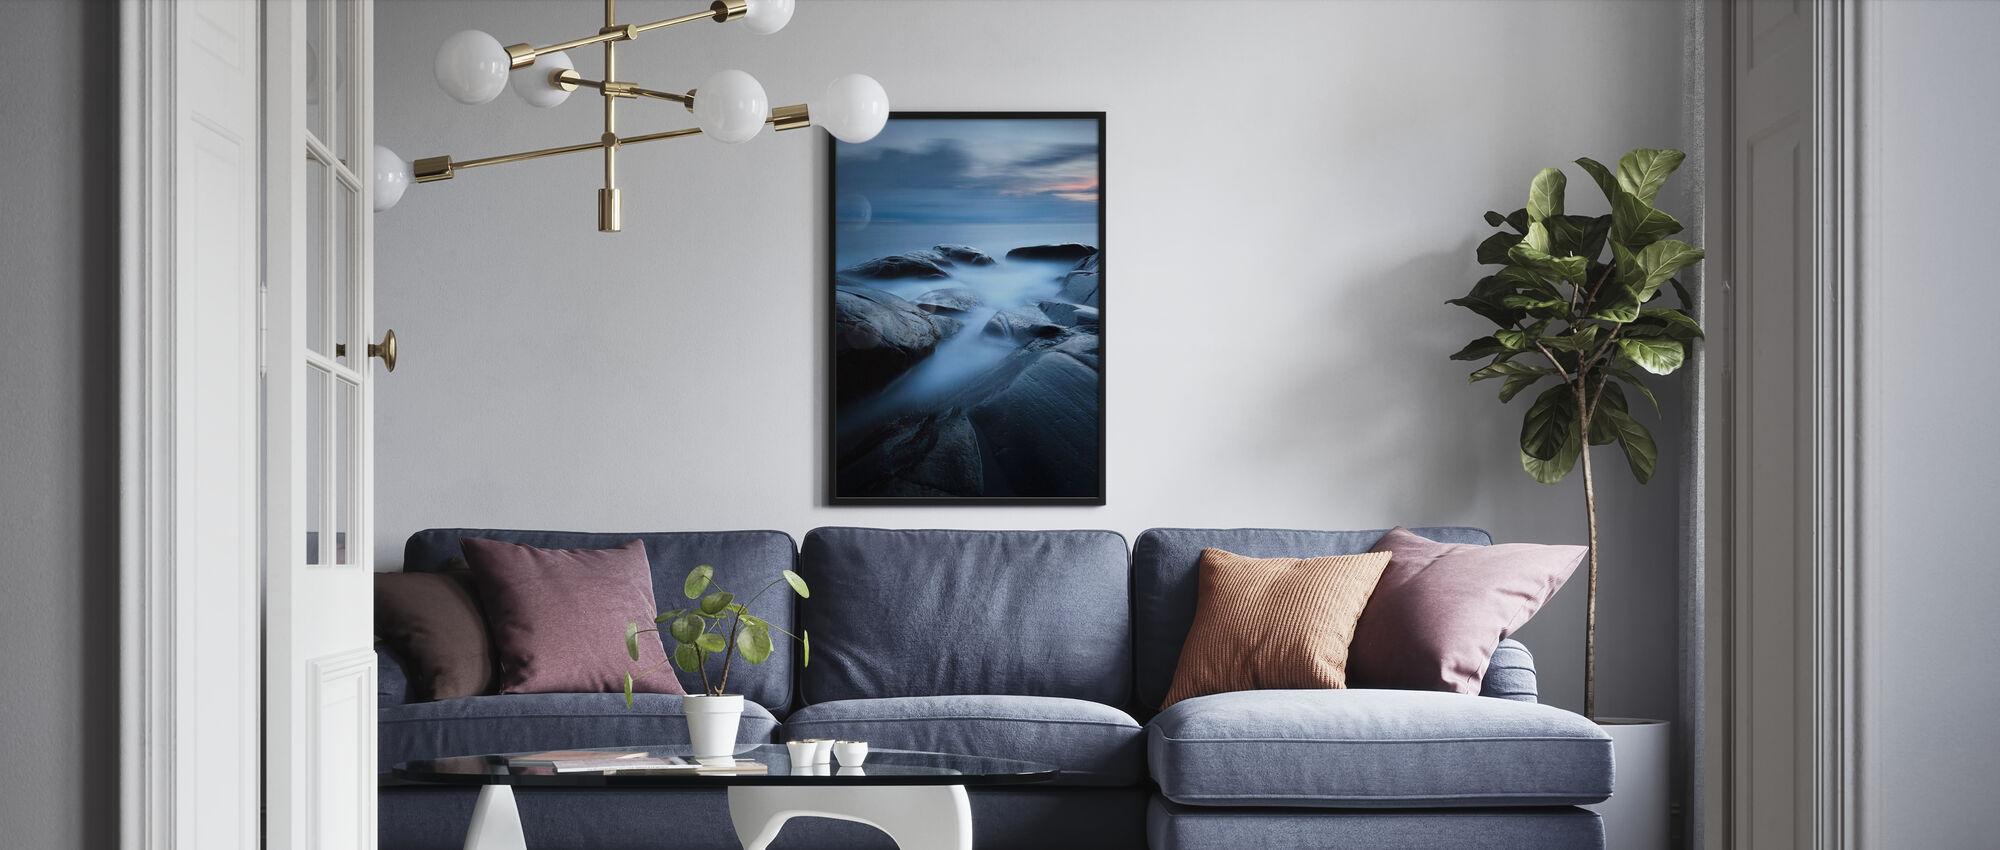 Körnig 352 Sekunden - Poster - Wohnzimmer